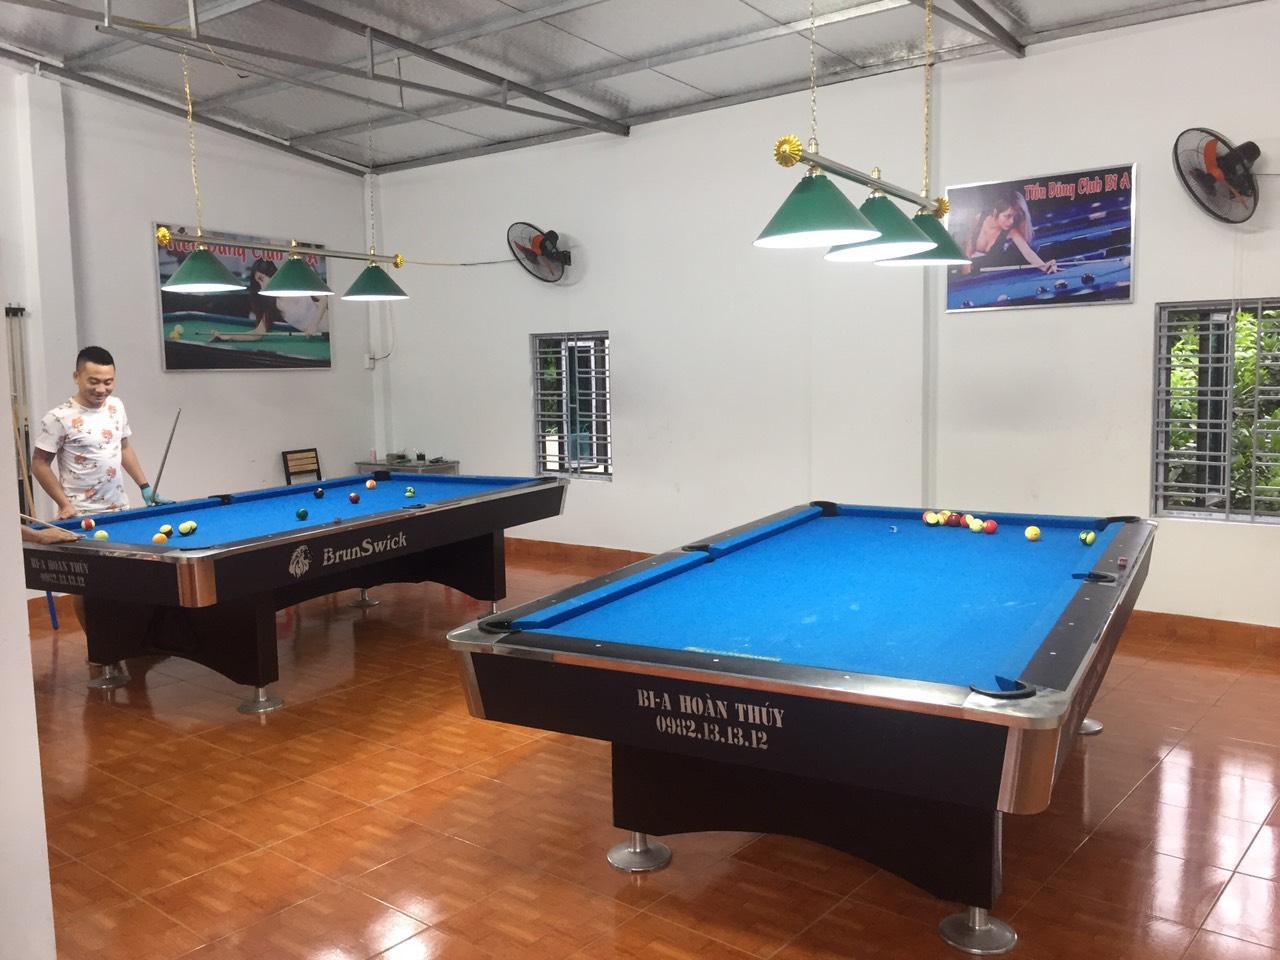 Billiards Hoàn Thúy lắp đặt 2 bàn 9018 Việt Nam tại Lý Nhân, Tỉnh Hà Nam